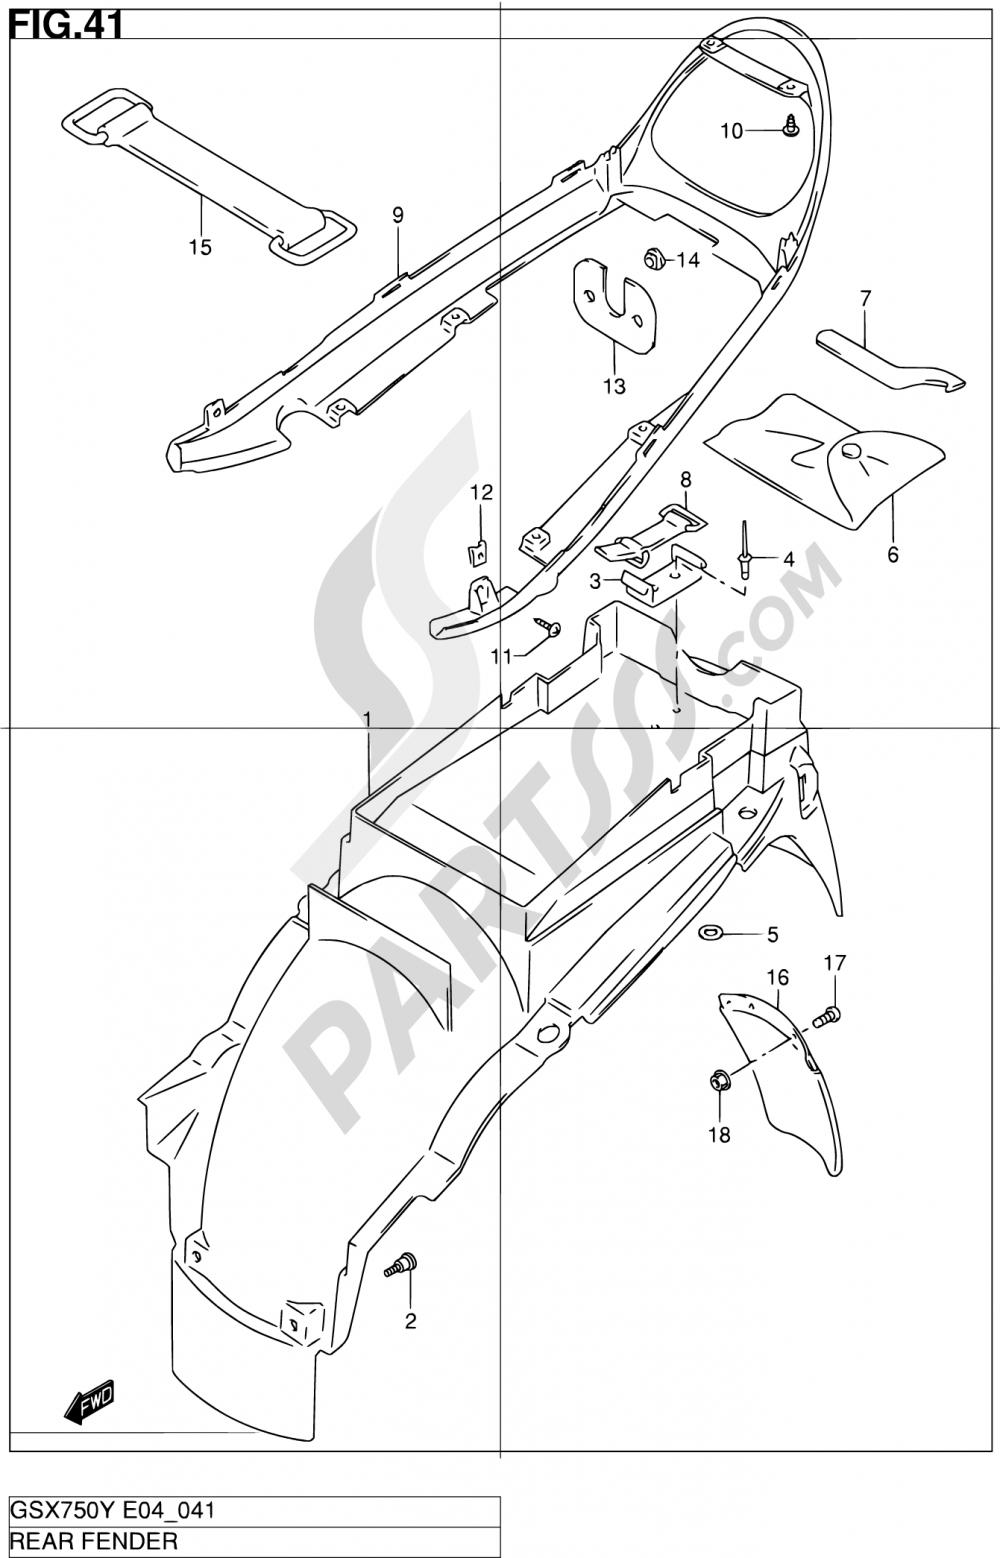 41 - REAR FENDER Suzuki GSX750 2000